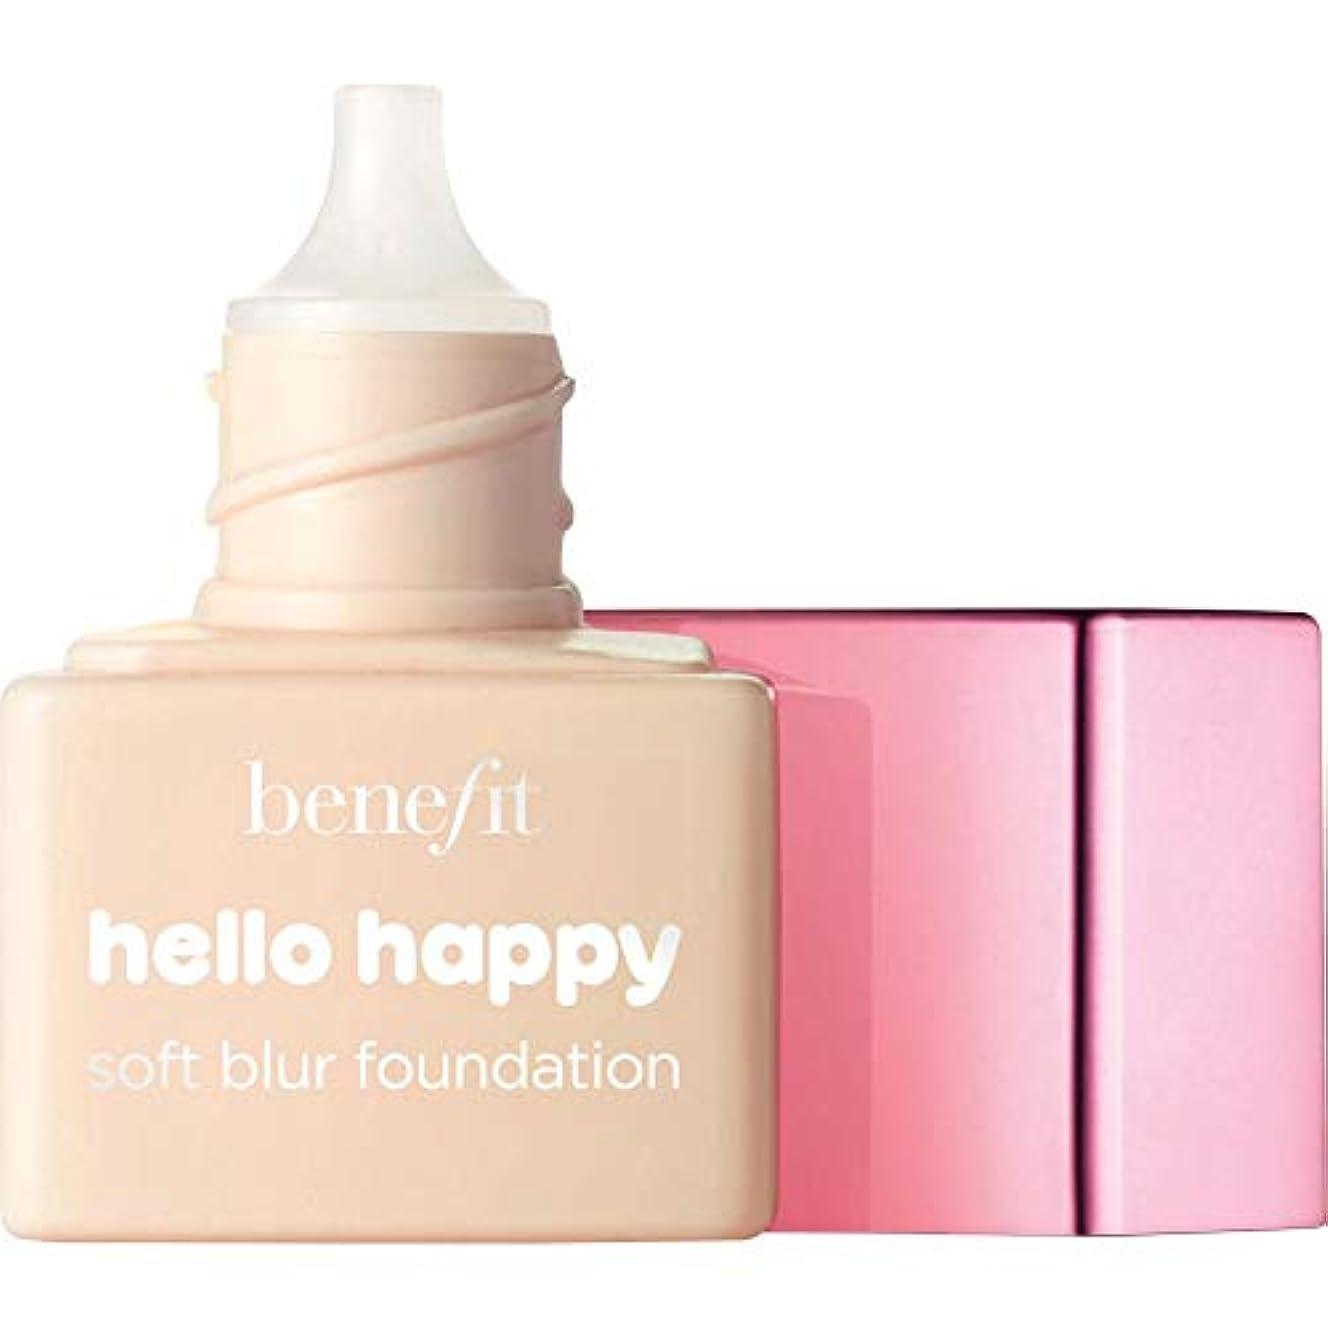 監査はぁまろやかな[Benefit ] ミニ2 - - ハロー幸せソフトブラー基礎Spf15の6ミリリットルの利益に暖かい光 - Benefit Hello Happy Soft Blur Foundation SPF15 6ml - Mini...